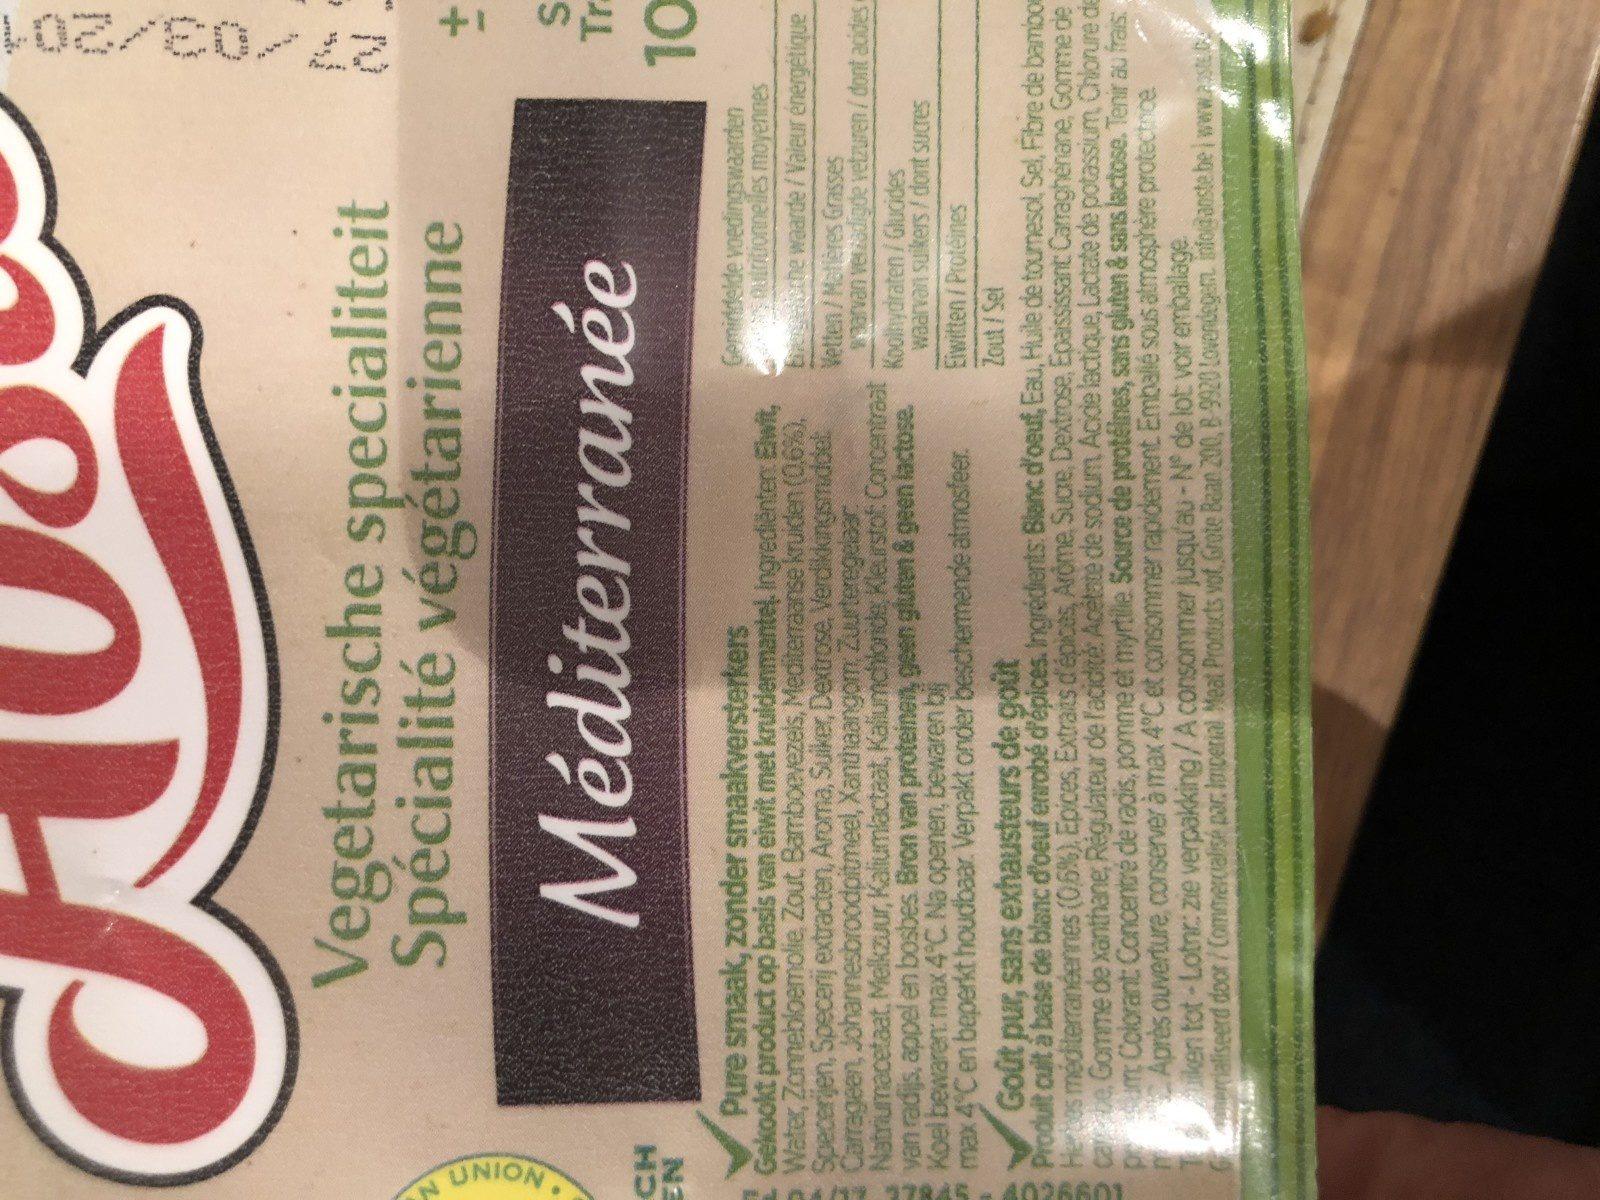 Aoste Le Vegetarien Medit. 100g - Ingrédients - fr